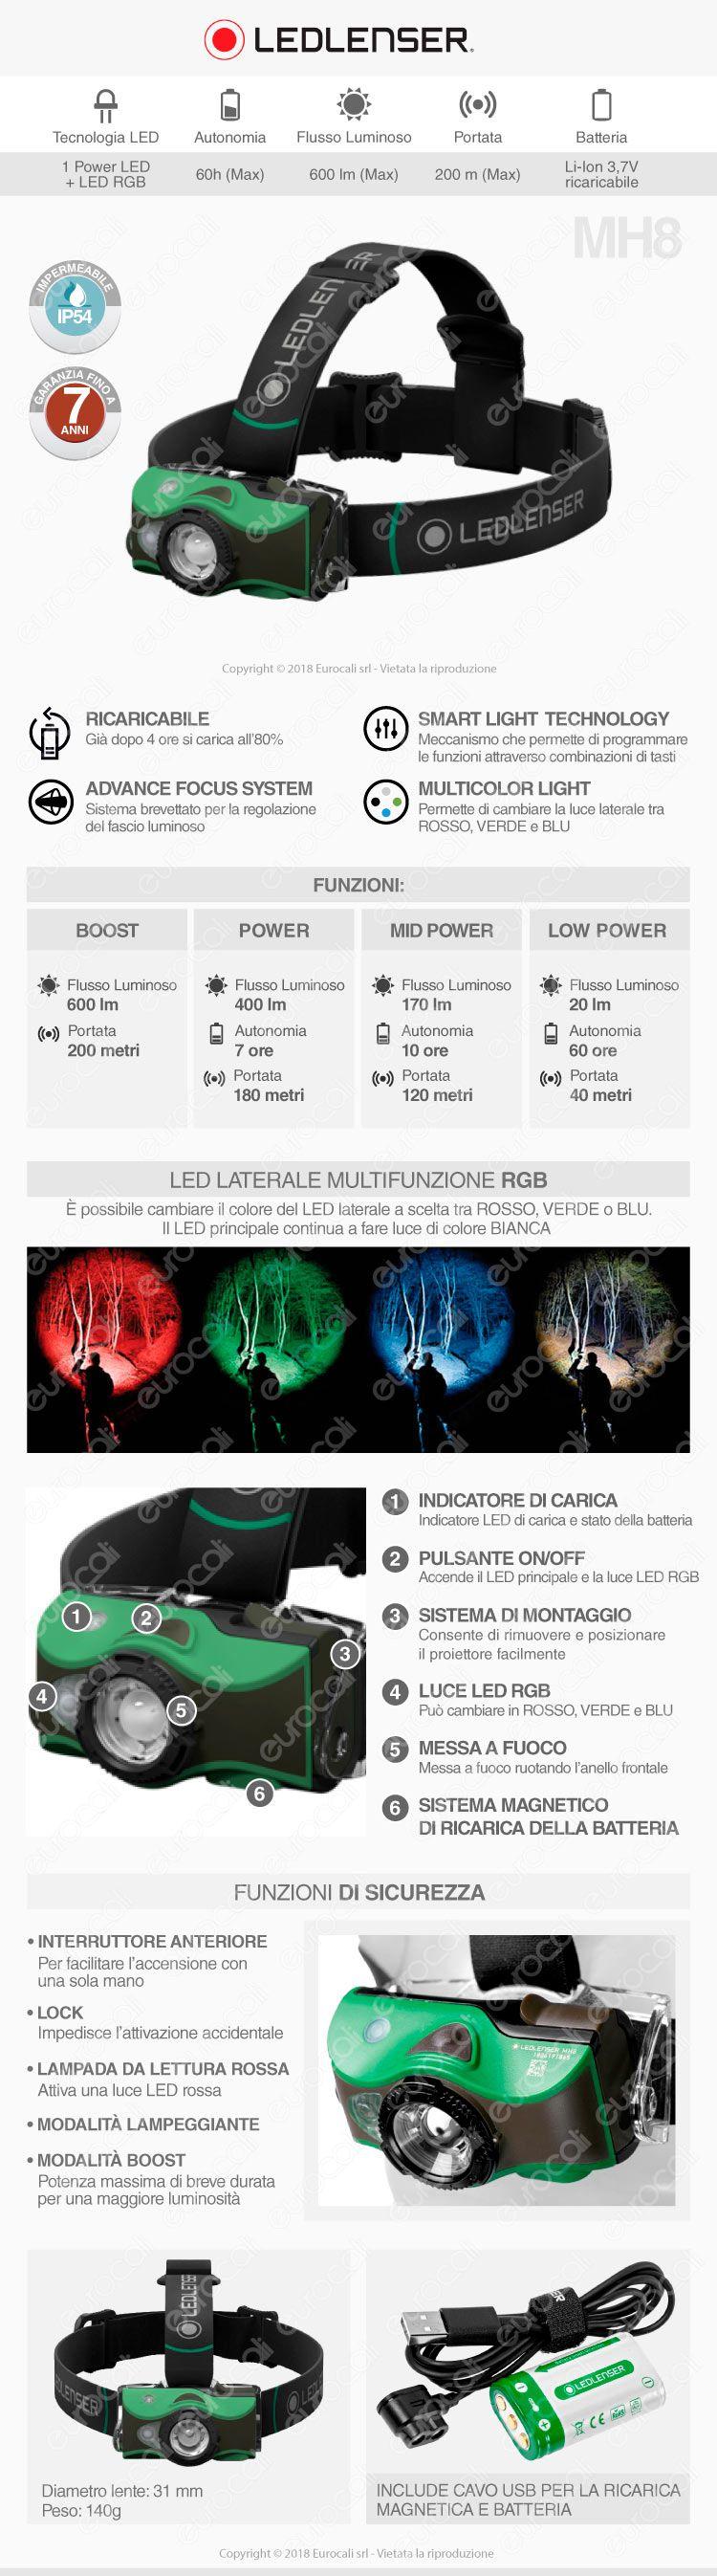 Ledlenser MH8 Torcia LED Headlight Multicolore e Multifunzione Colore Verde - Torcia Frontale